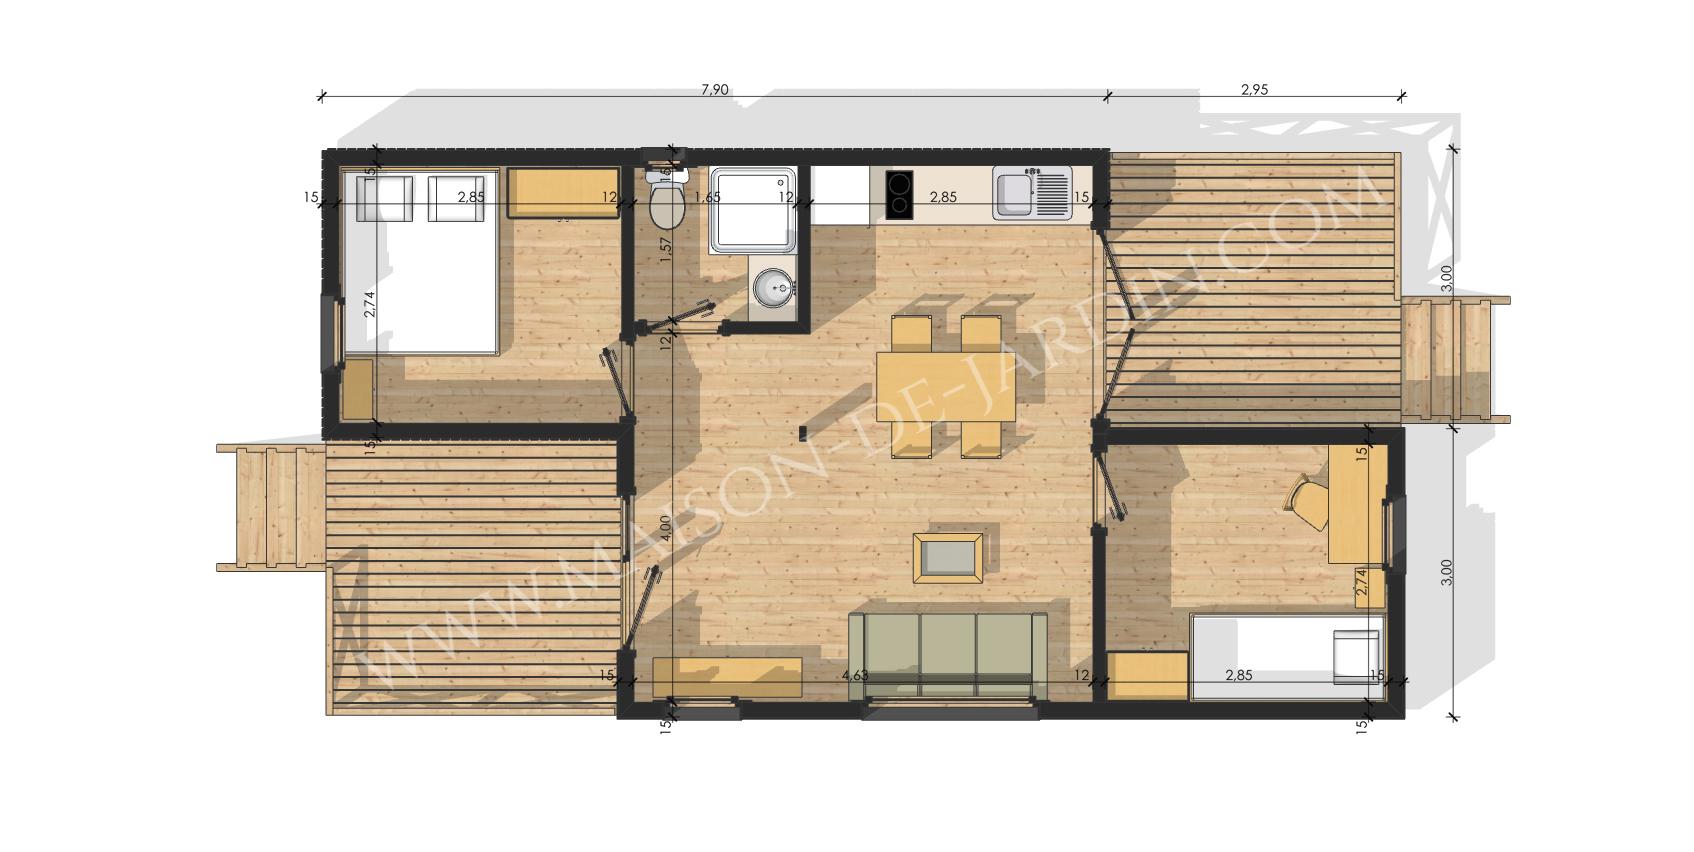 Maison de jardin avec ossature bois Essonne 47 m² : 46900 ...